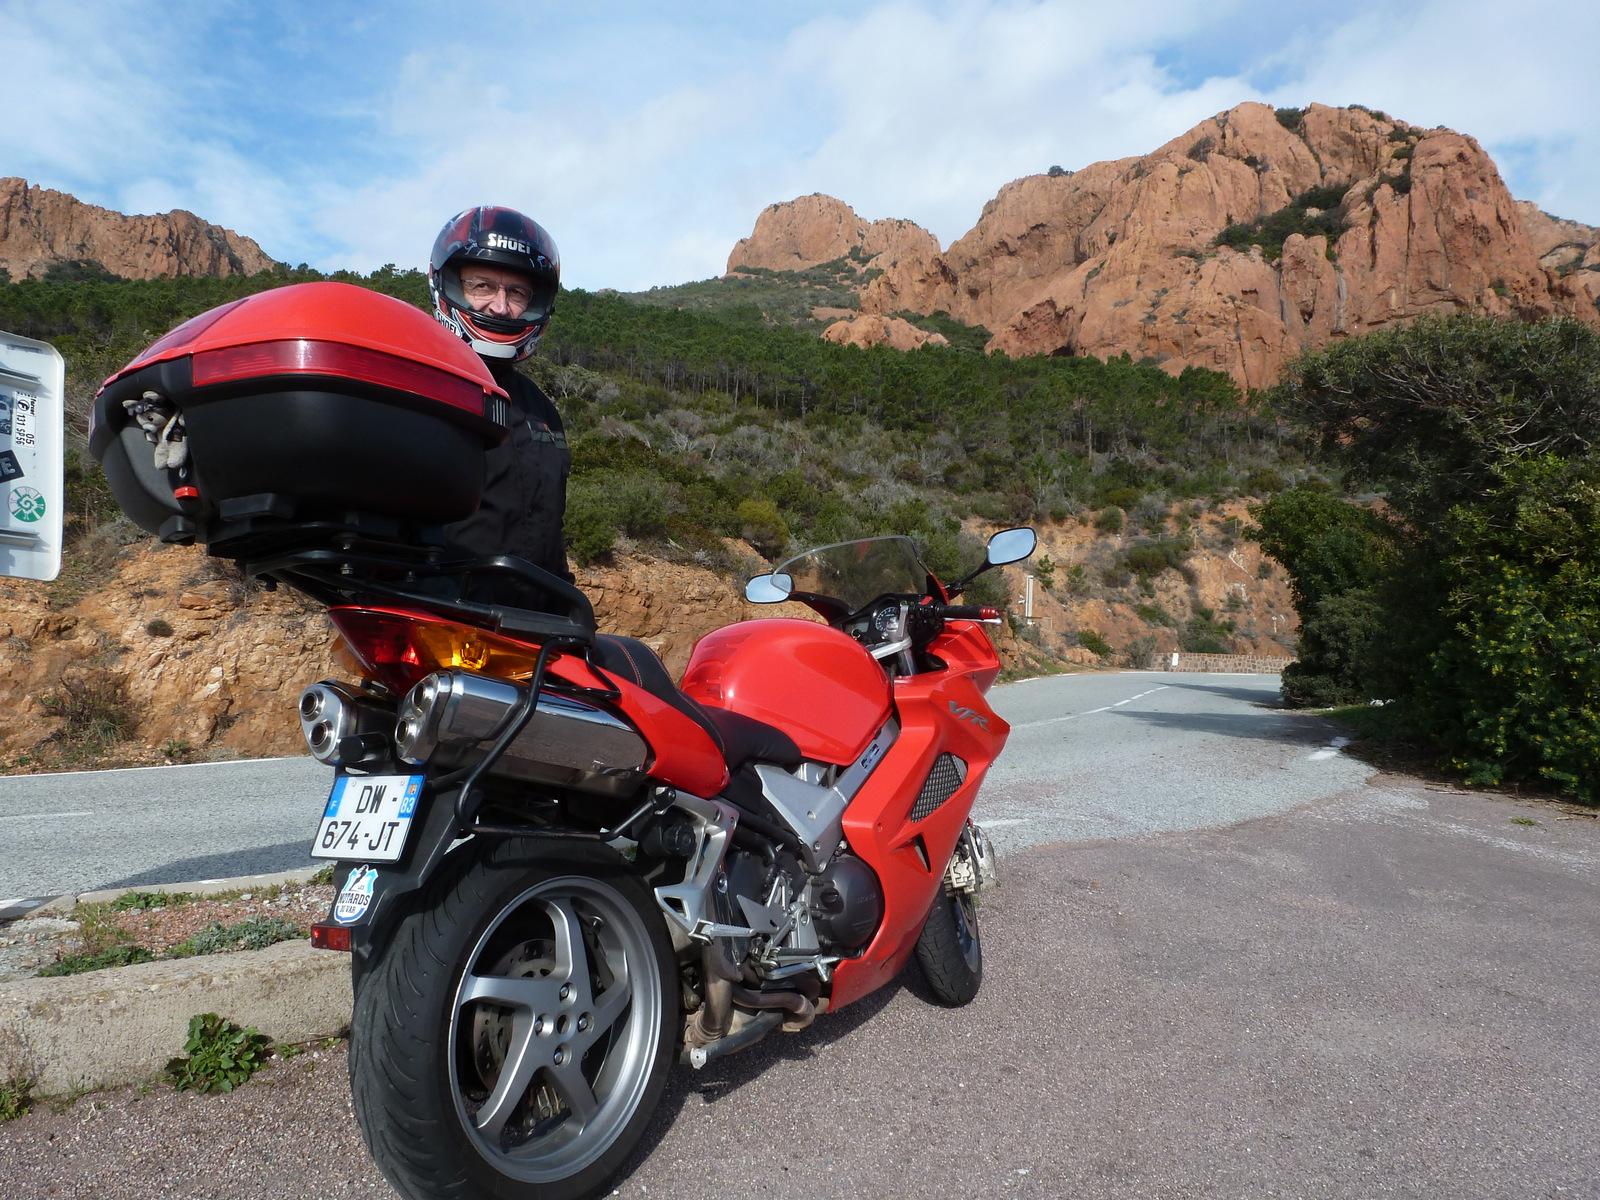 on a dit les roches, pas la moto !!!